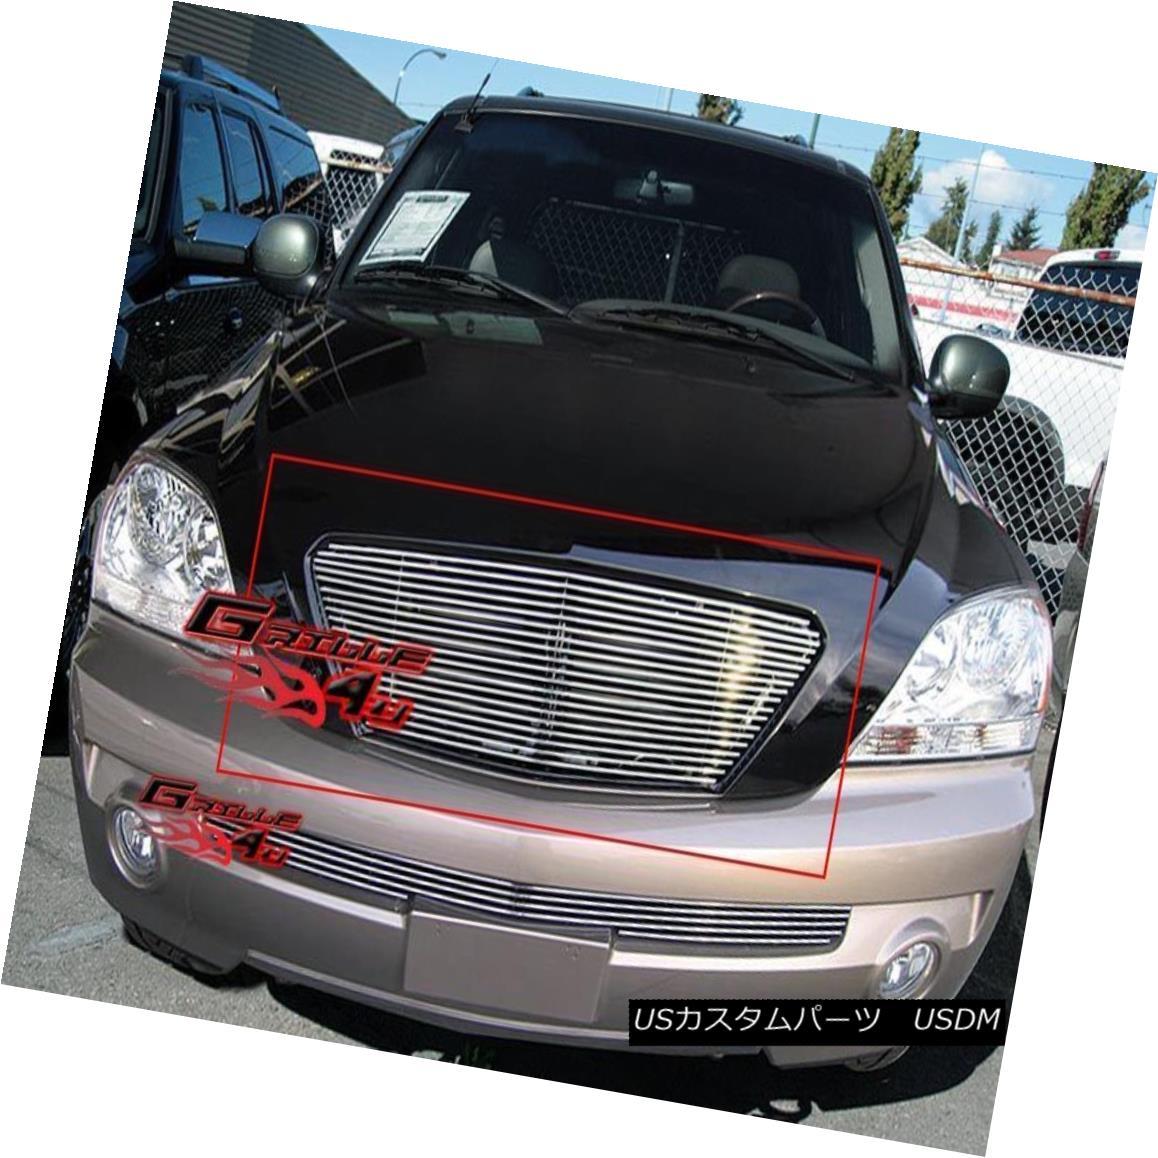 グリル Fits 2003-2006 Kia Sorento Main Upper Billet Grille Grill Insert 2003?2006年にフィットKia Sorentoメインアッパービレットグリルグリルインサート